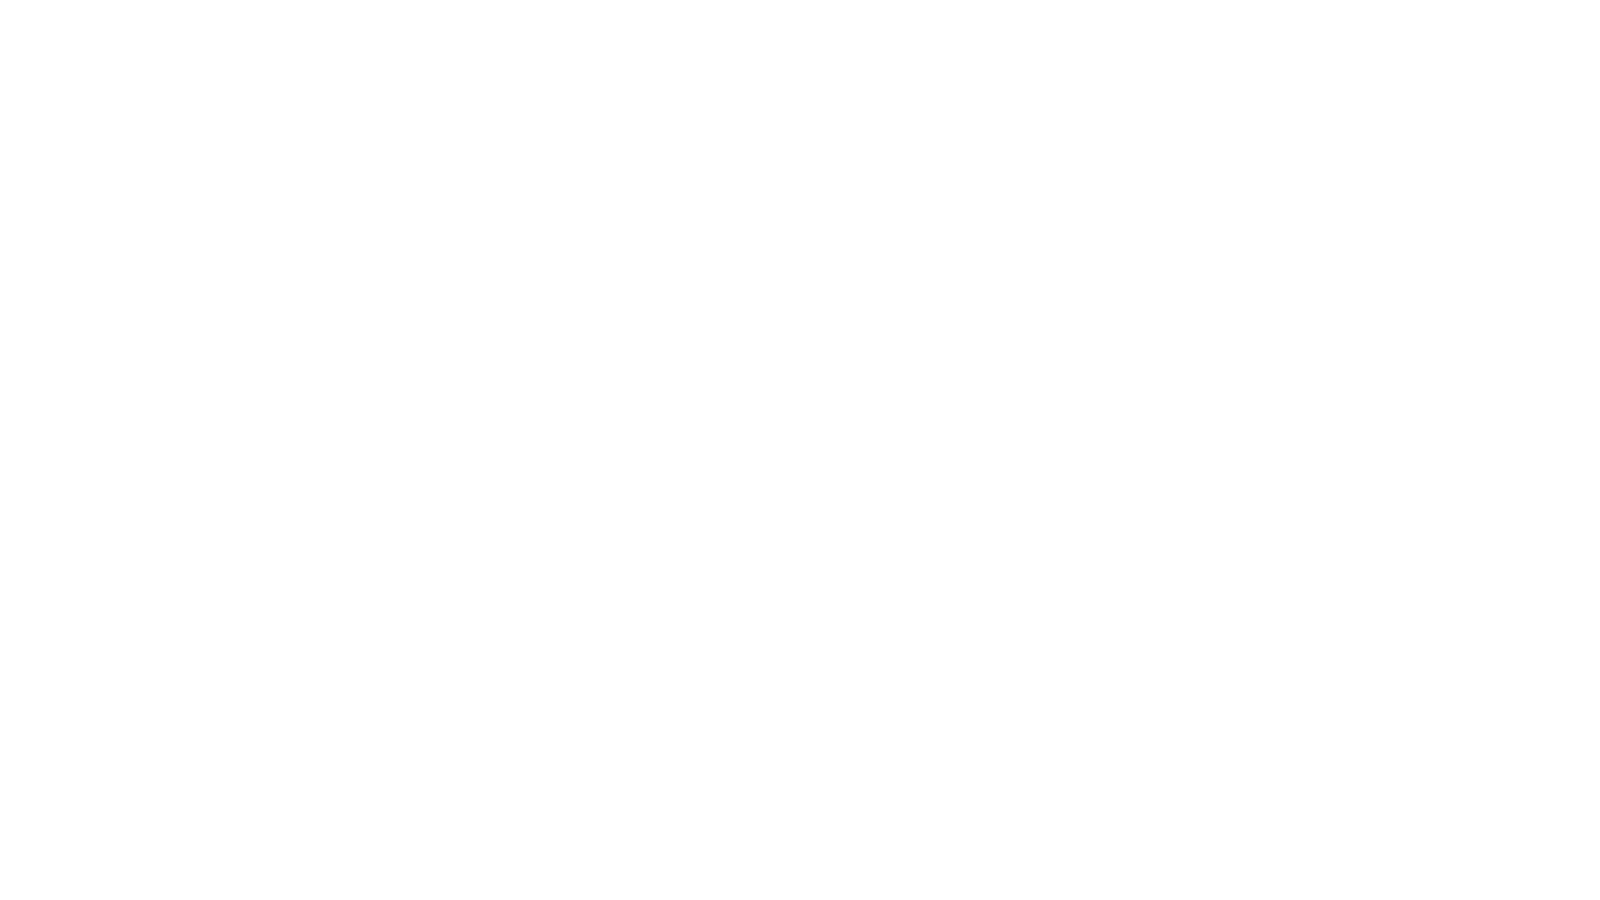 """#shorts - Découvrez l'univers du chef 1 étoile, Gilles Leininger qui officie dans les cuisines de son restaurant le Jardin Secret à la Wantzenau dans le Bas-Rhin !  En 2021, il reçoit sa première étoile et il en rêvait ! Gilles Leininger a fait briller l'Alsace dans les récents concours de la profession. Il a remporté le trophée Masse, puis s'est hissé à la 4ème place du Bocuse D'or France, une performance pour ce chef-propriétaire qui rêvait de cotoyer les étoiles, c'est chose faite depuis le 18 janvier 2021, où le """"Viking"""" vient d'épingler le macaron rouge sur sa veste de cuisine.   #bocusedor #alsace #chef #sandrinekaufferbinz #gillesleininger #strasbourg #jardinsecret #guidemichelin #gaultmillau #étoile #gastronomie #journaliste #food #foodies #goodalsace"""